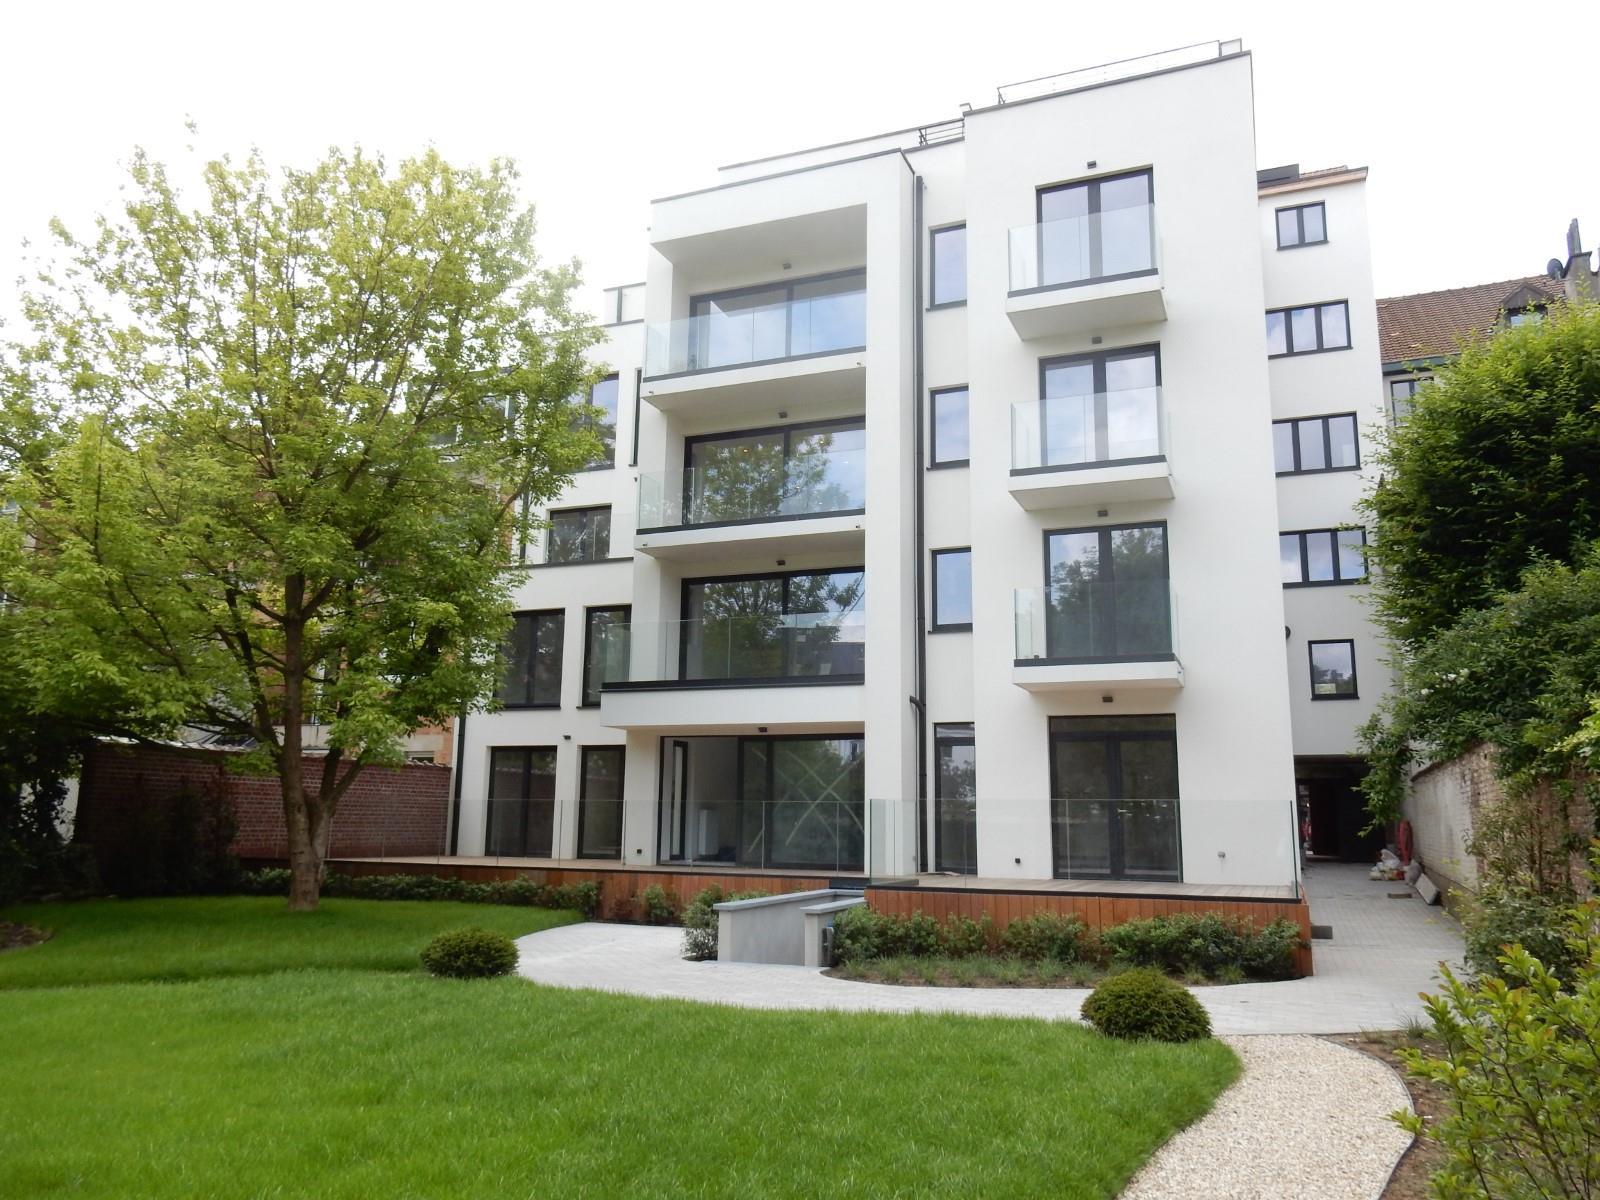 Appartement exceptionnel - Ixelles - #3851269-11